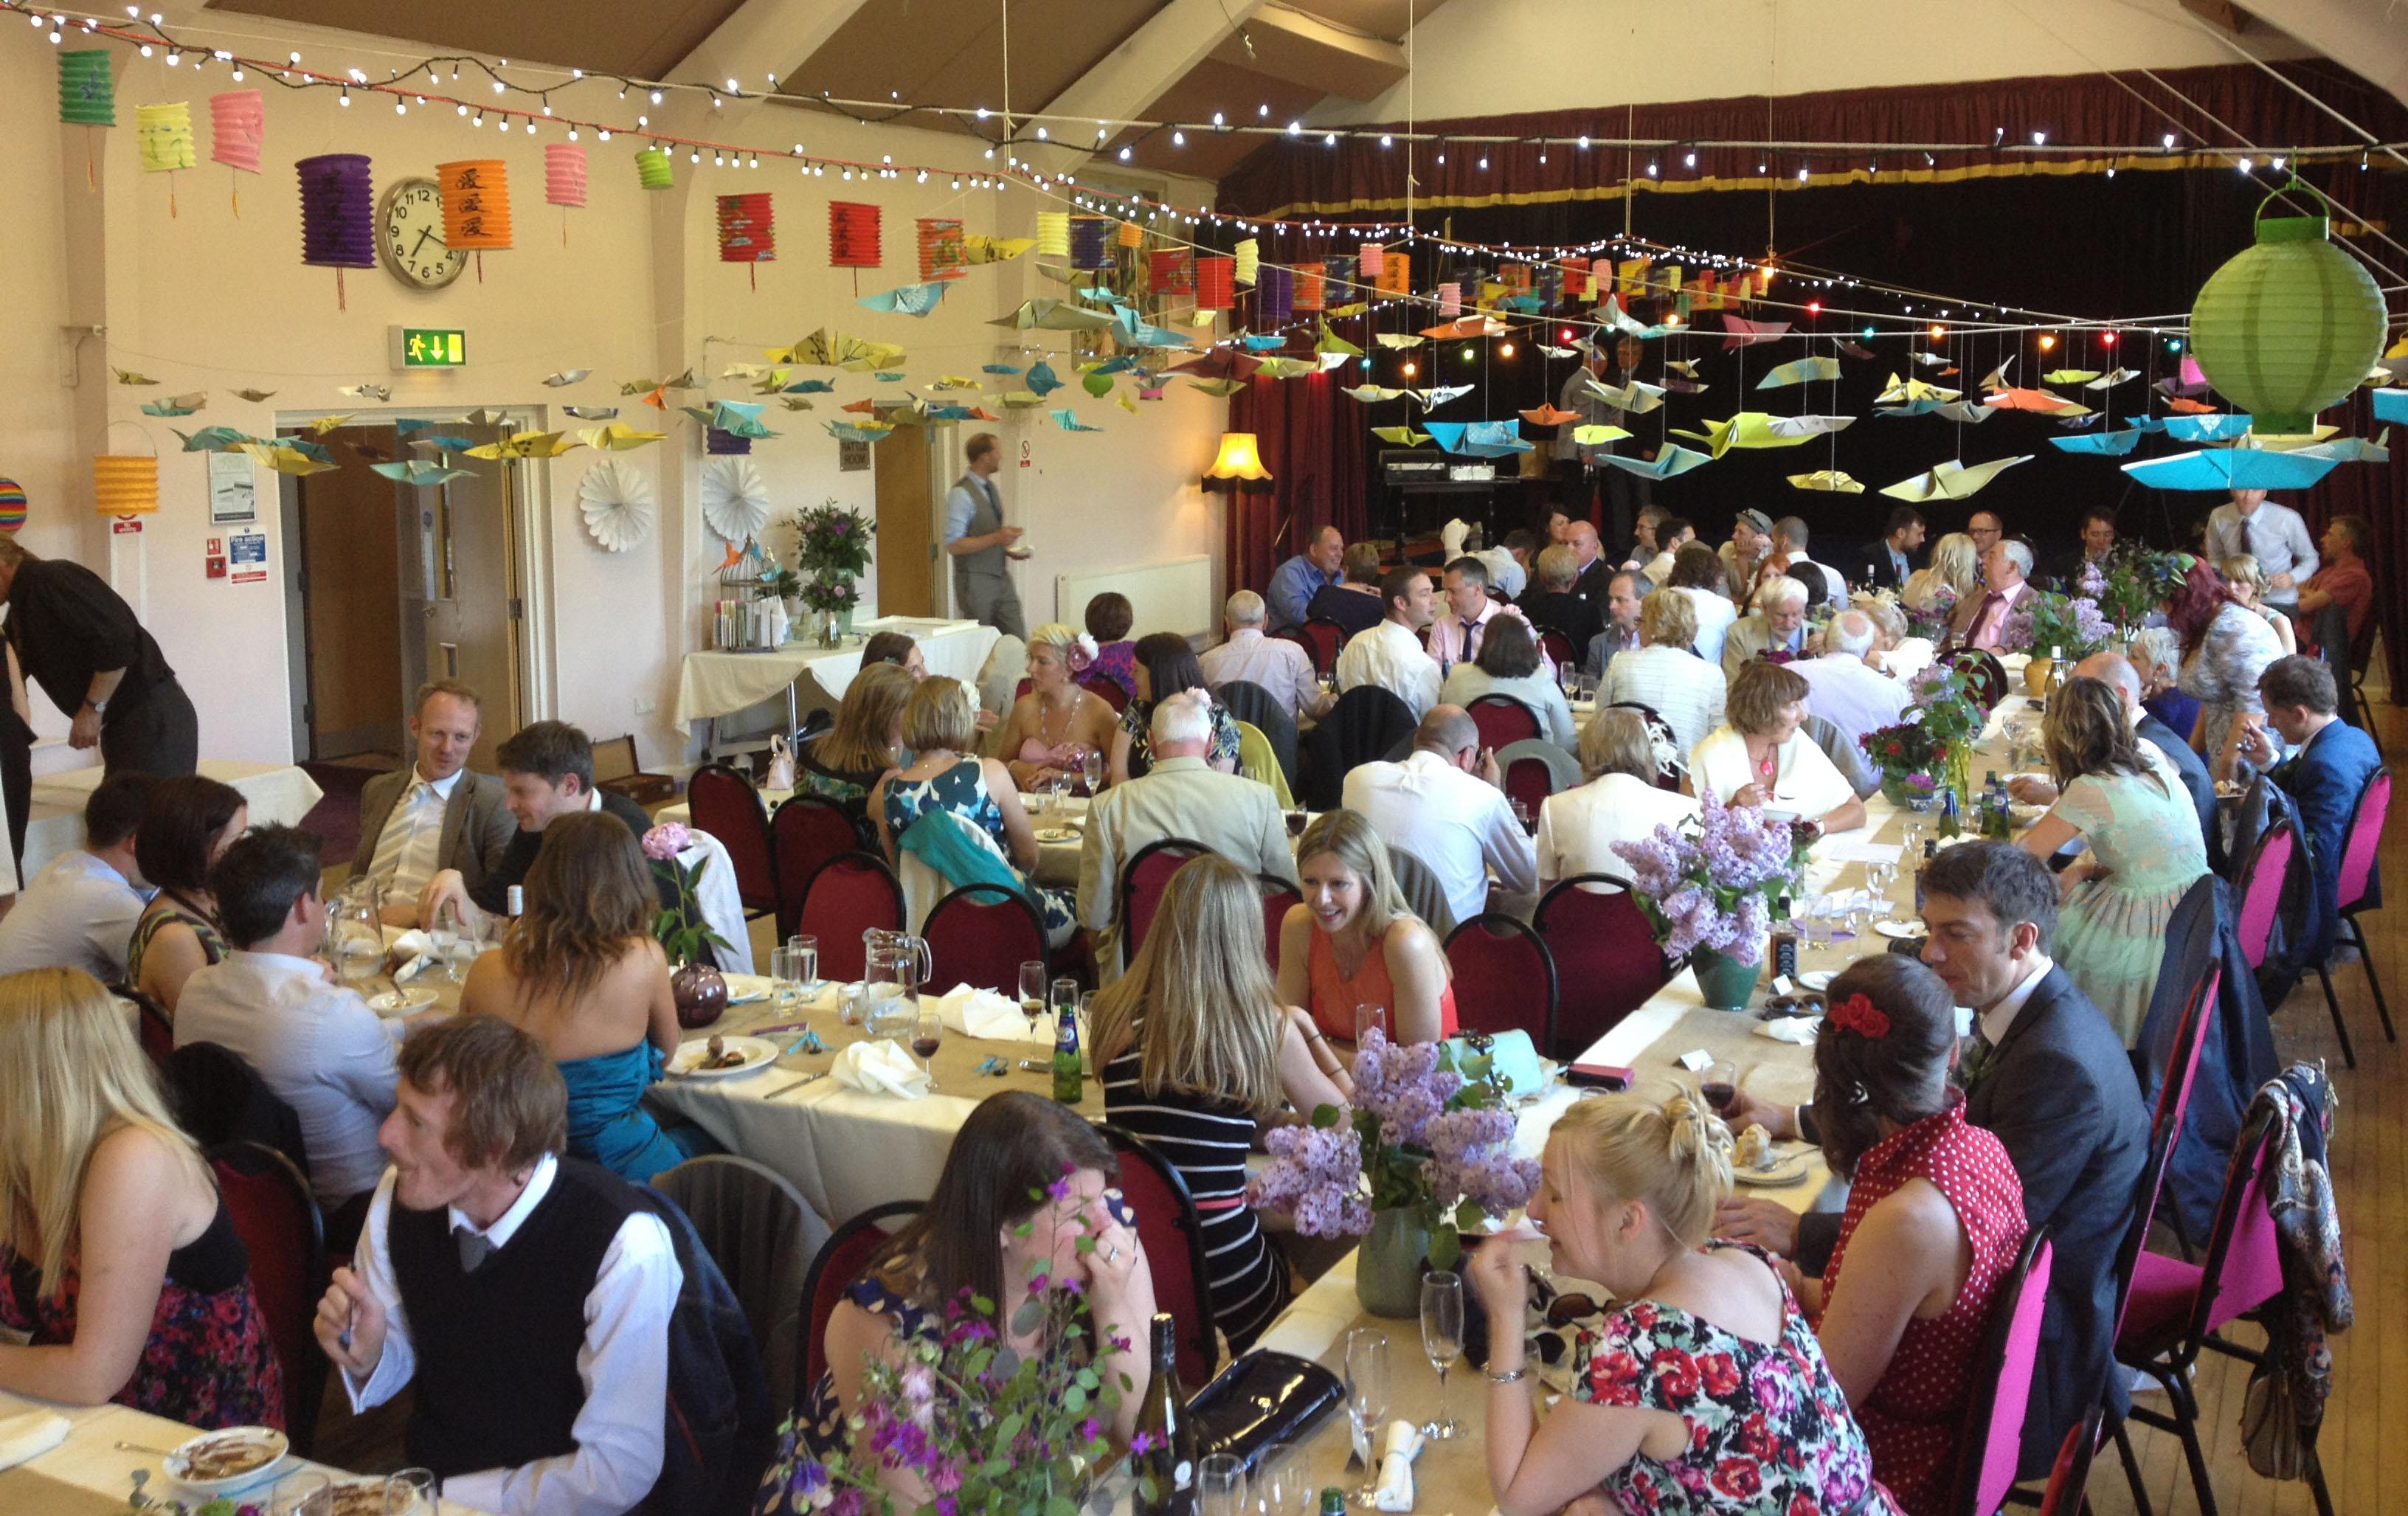 Long, sociable tables at an Ashover Parish Hall wedding reception.